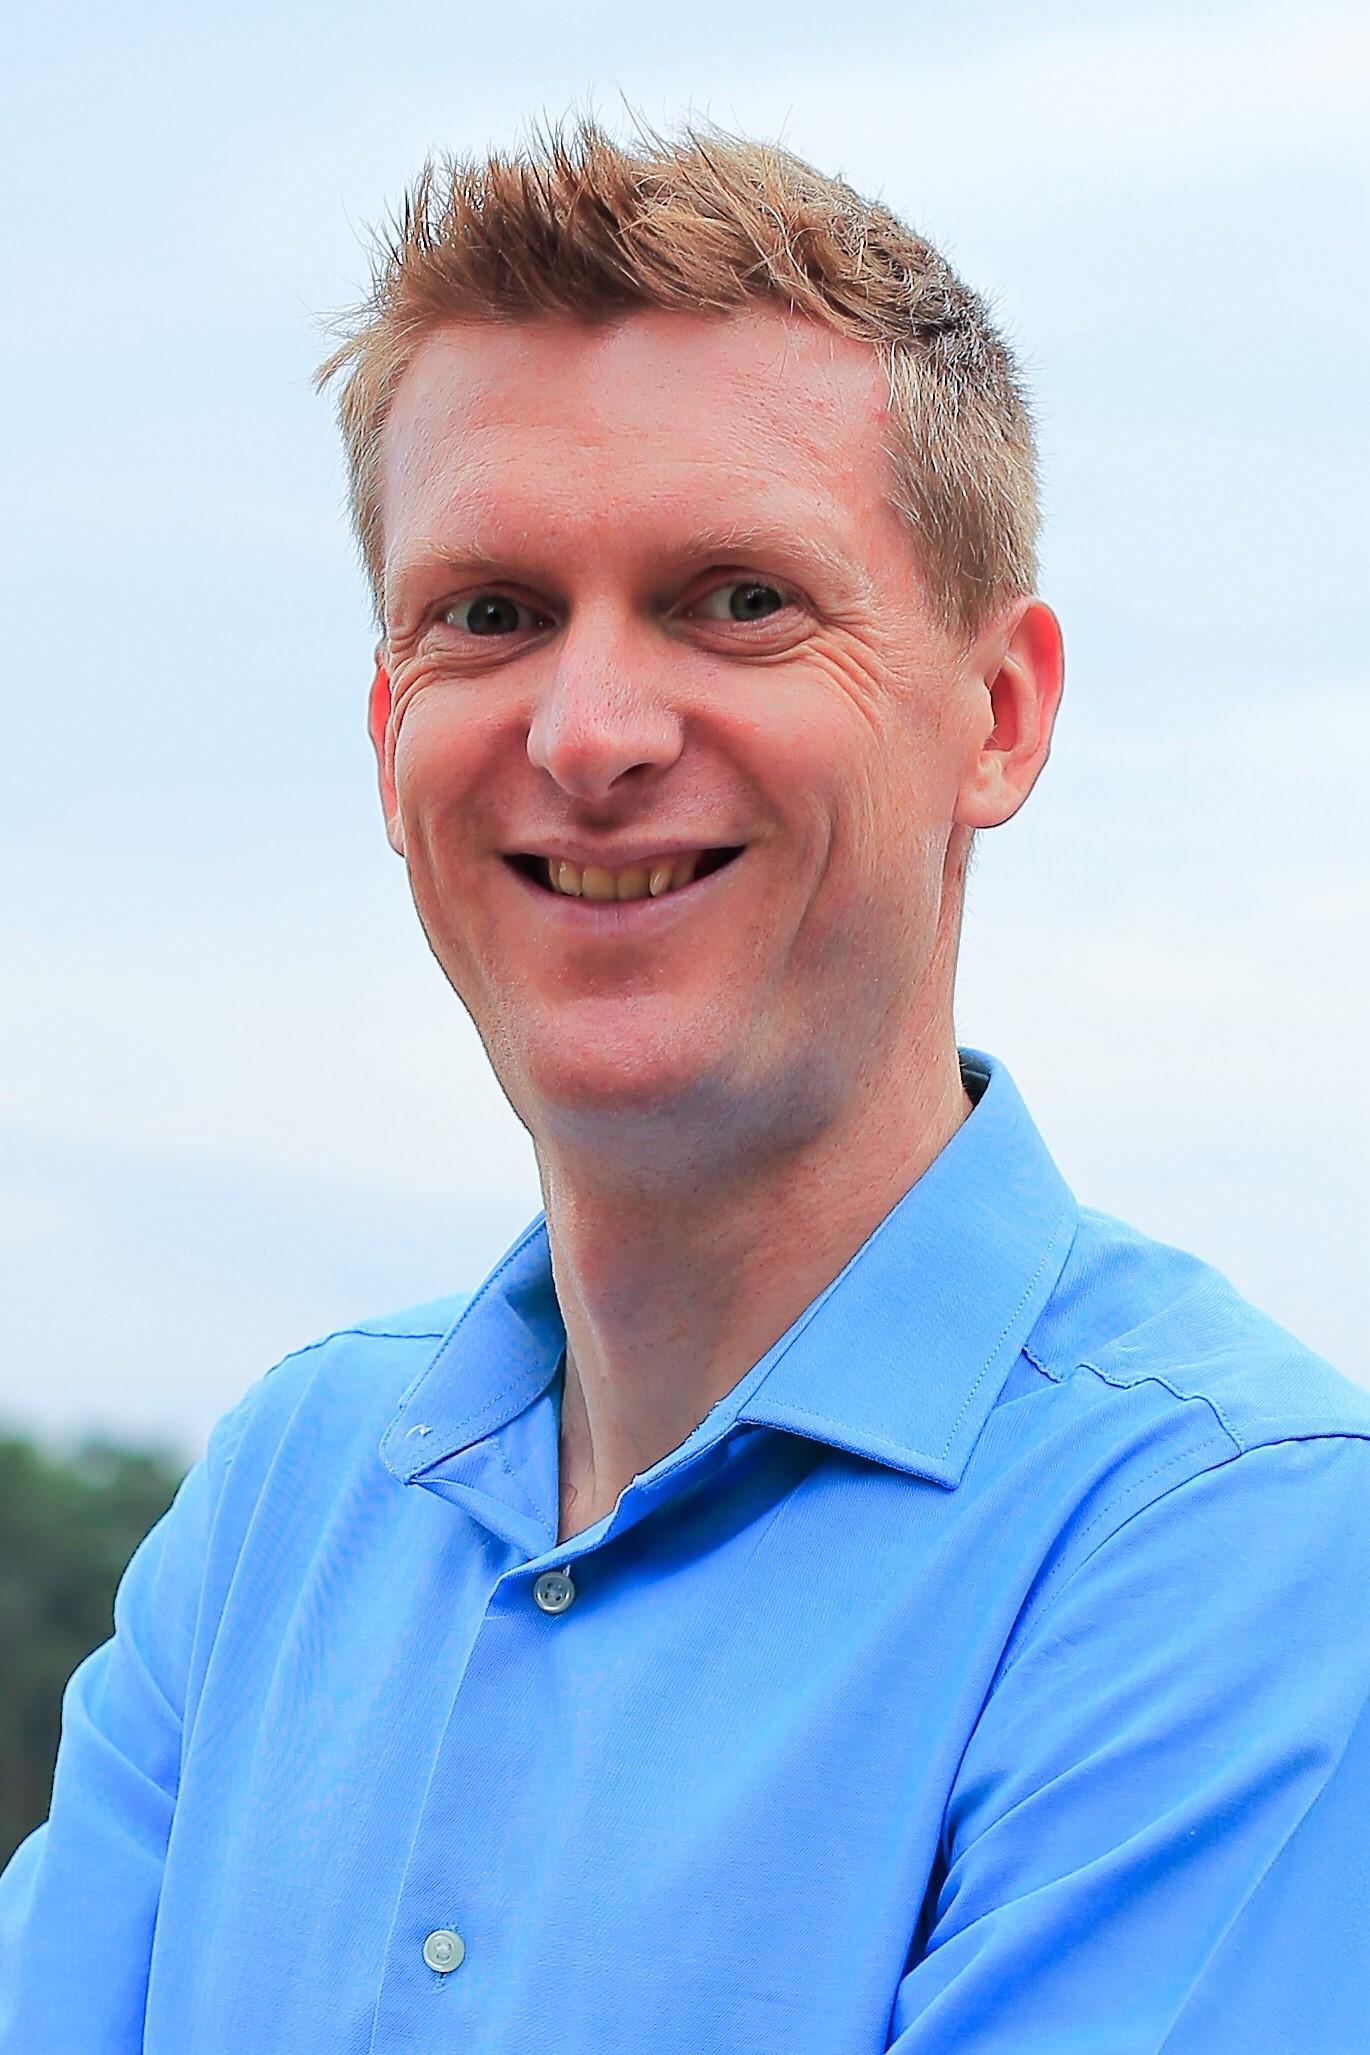 Head shot of social entrepreneur Dean Johnstone